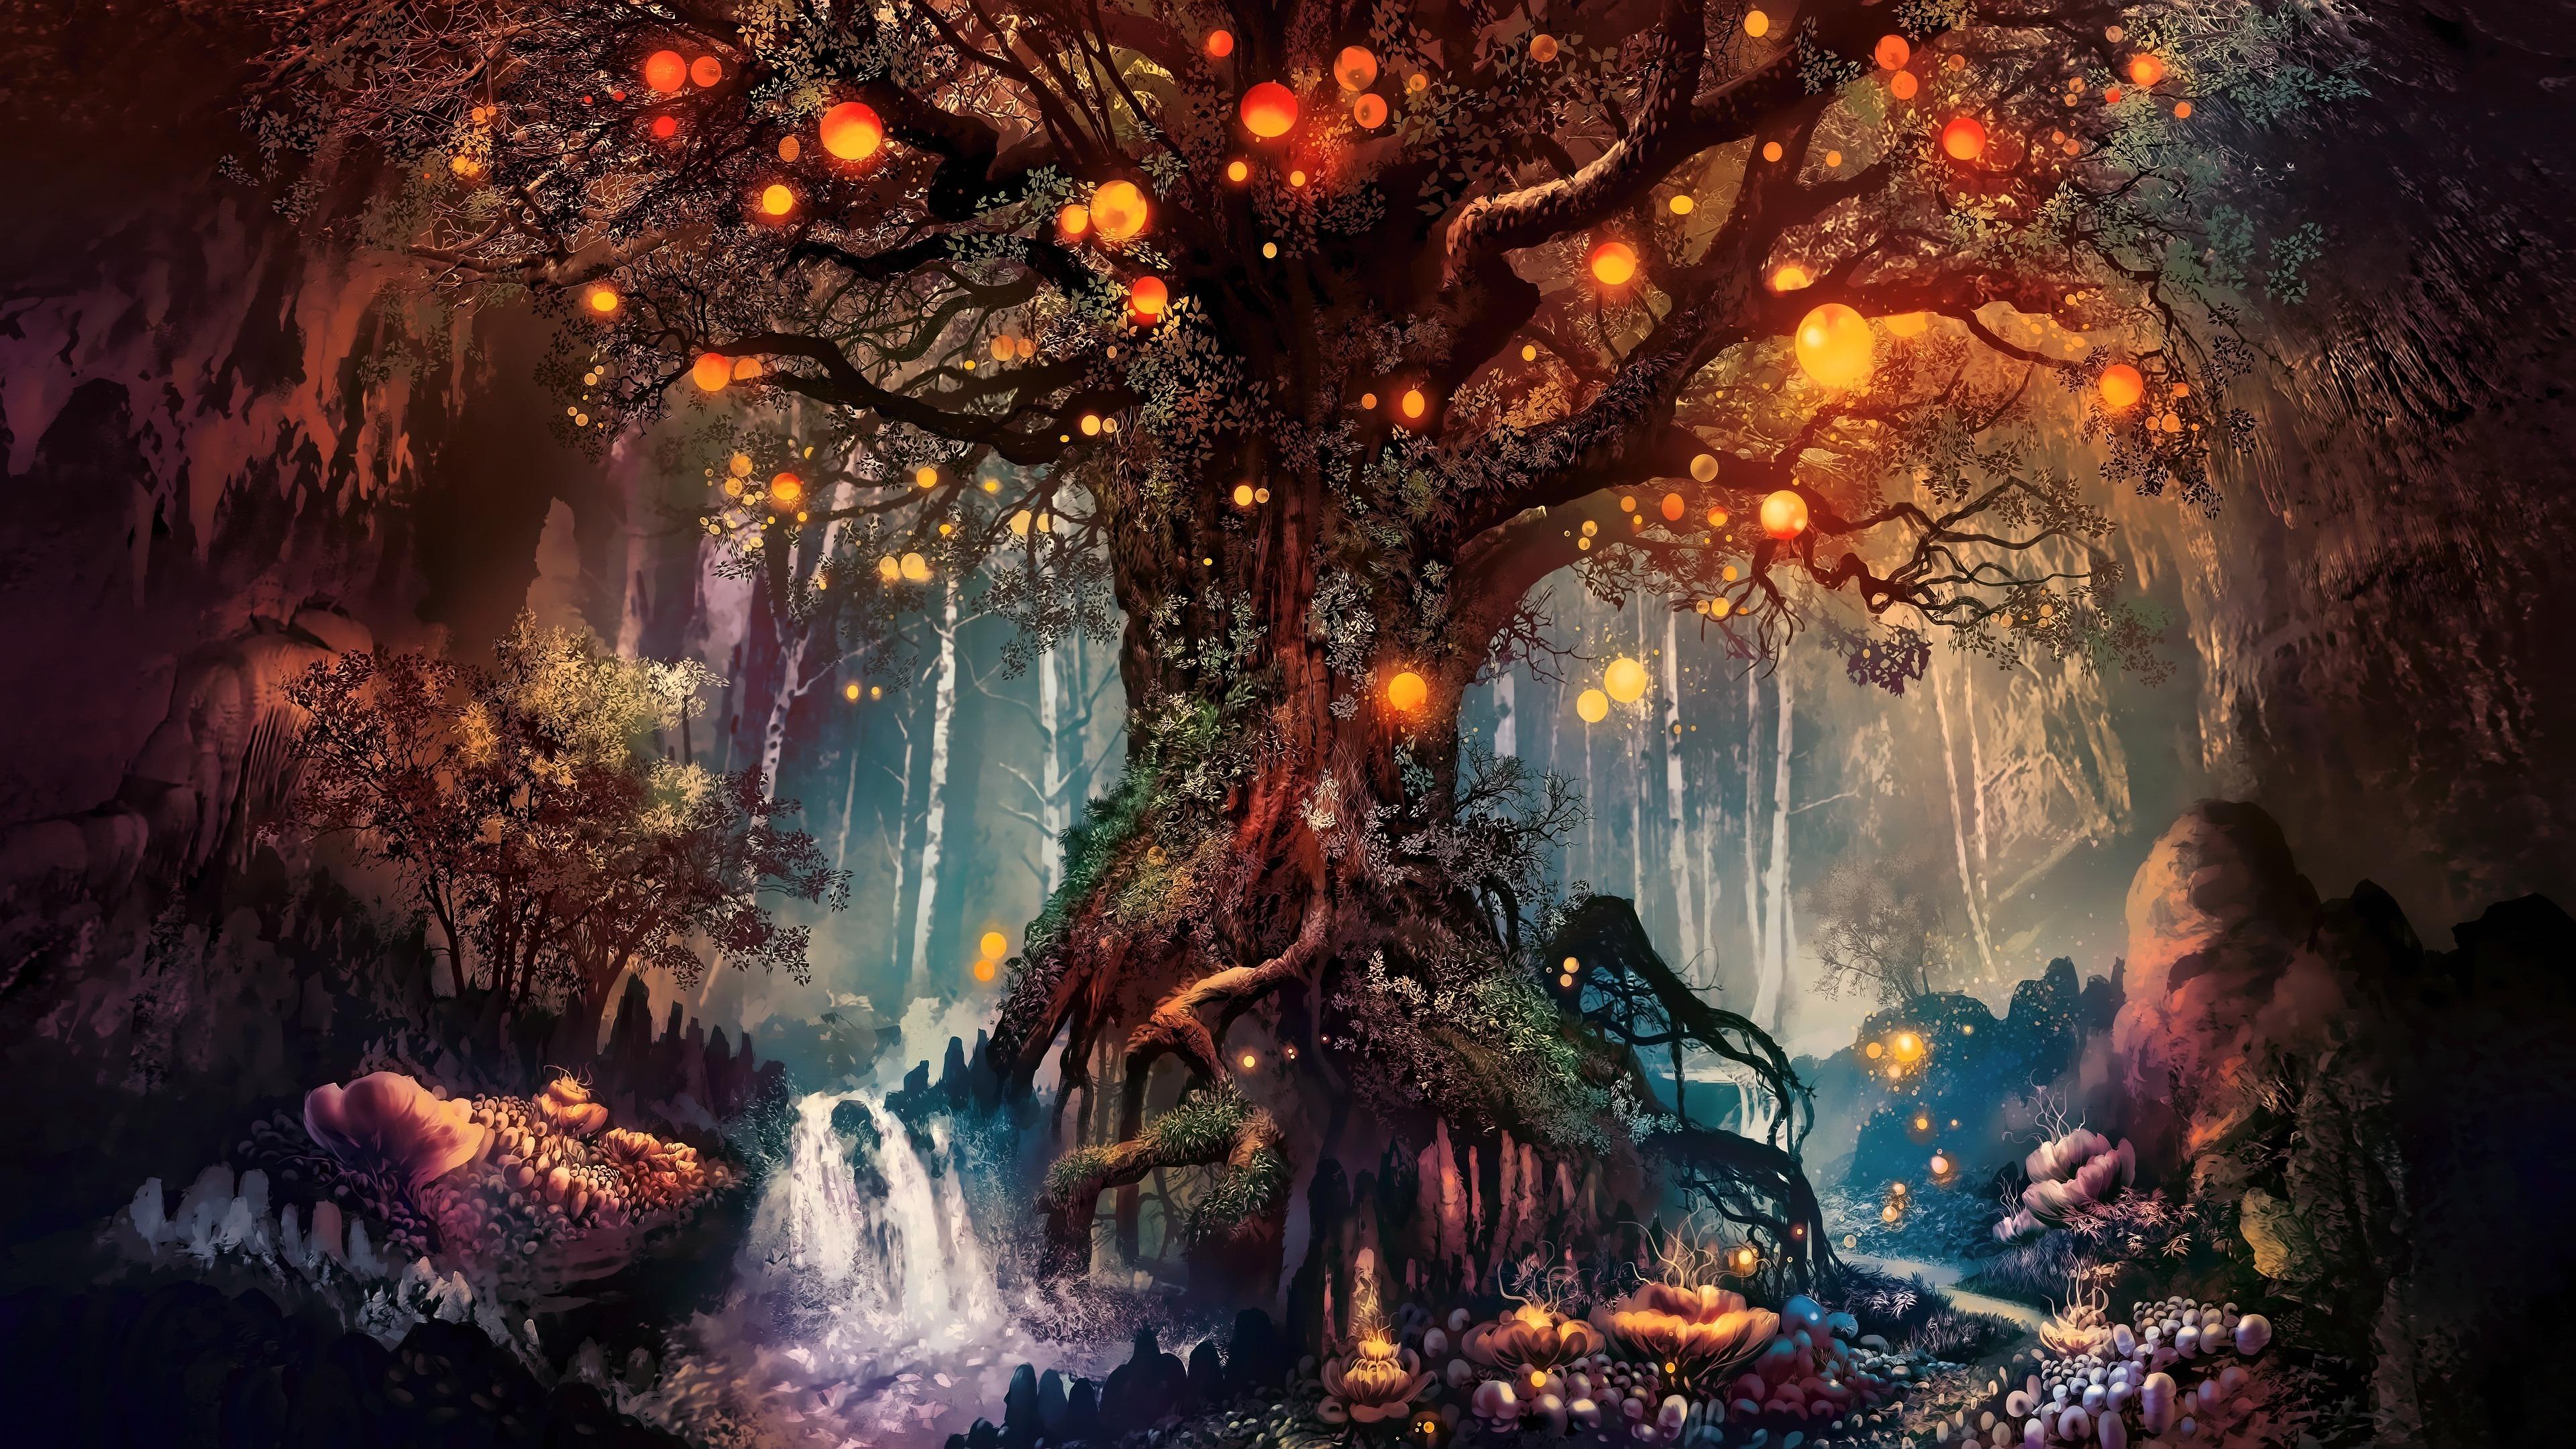 Download 3840x2160 Wallpaper Old Tree Fantasy Art 4k Uhd